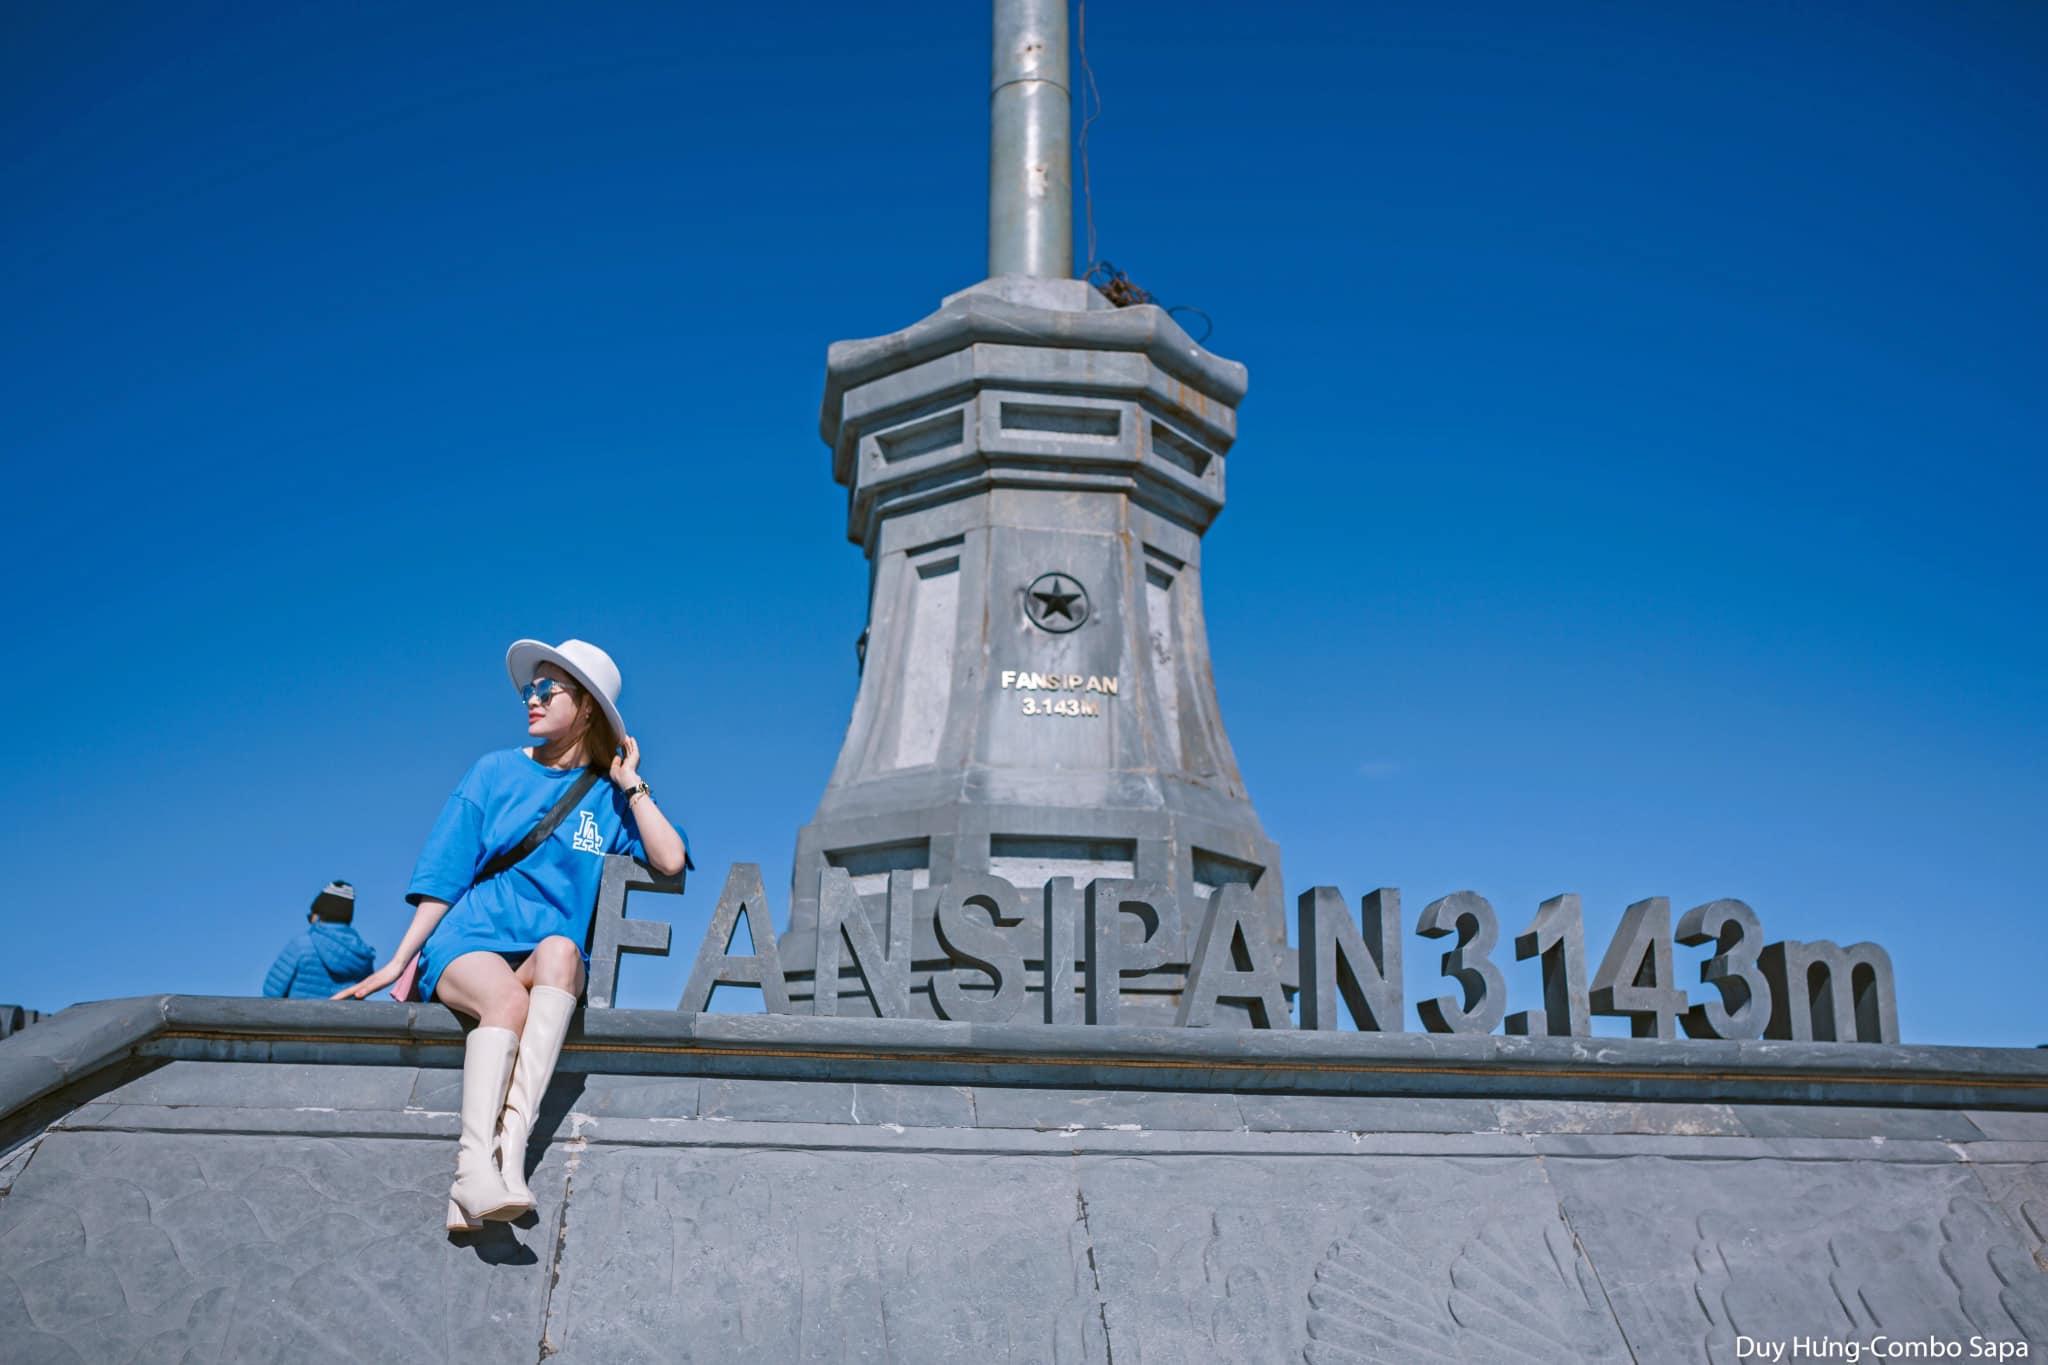 Khám phá du lịch Sapa tại đỉnh Fansipan